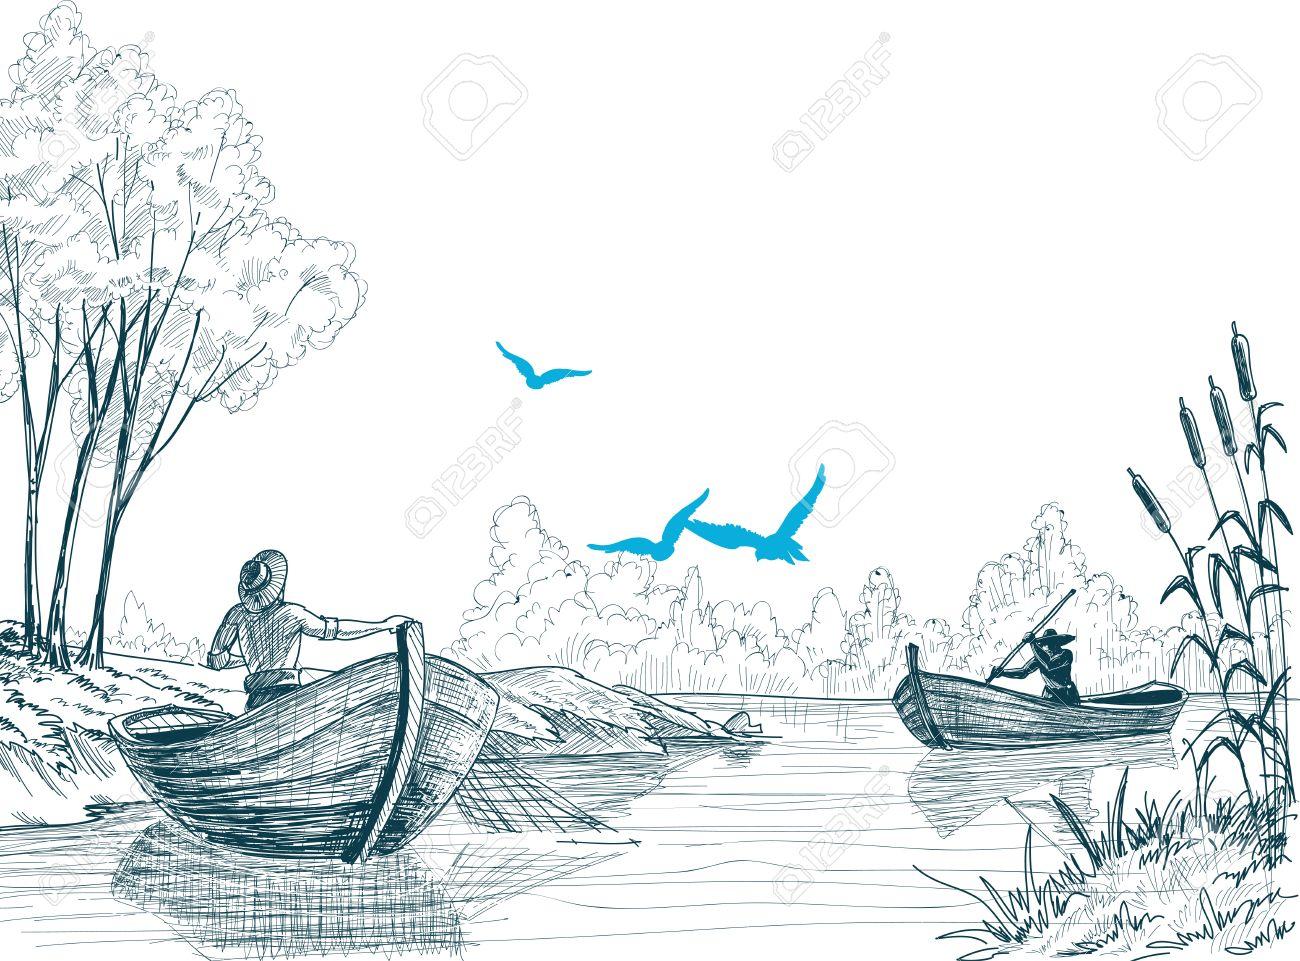 скетчи о рыбалке